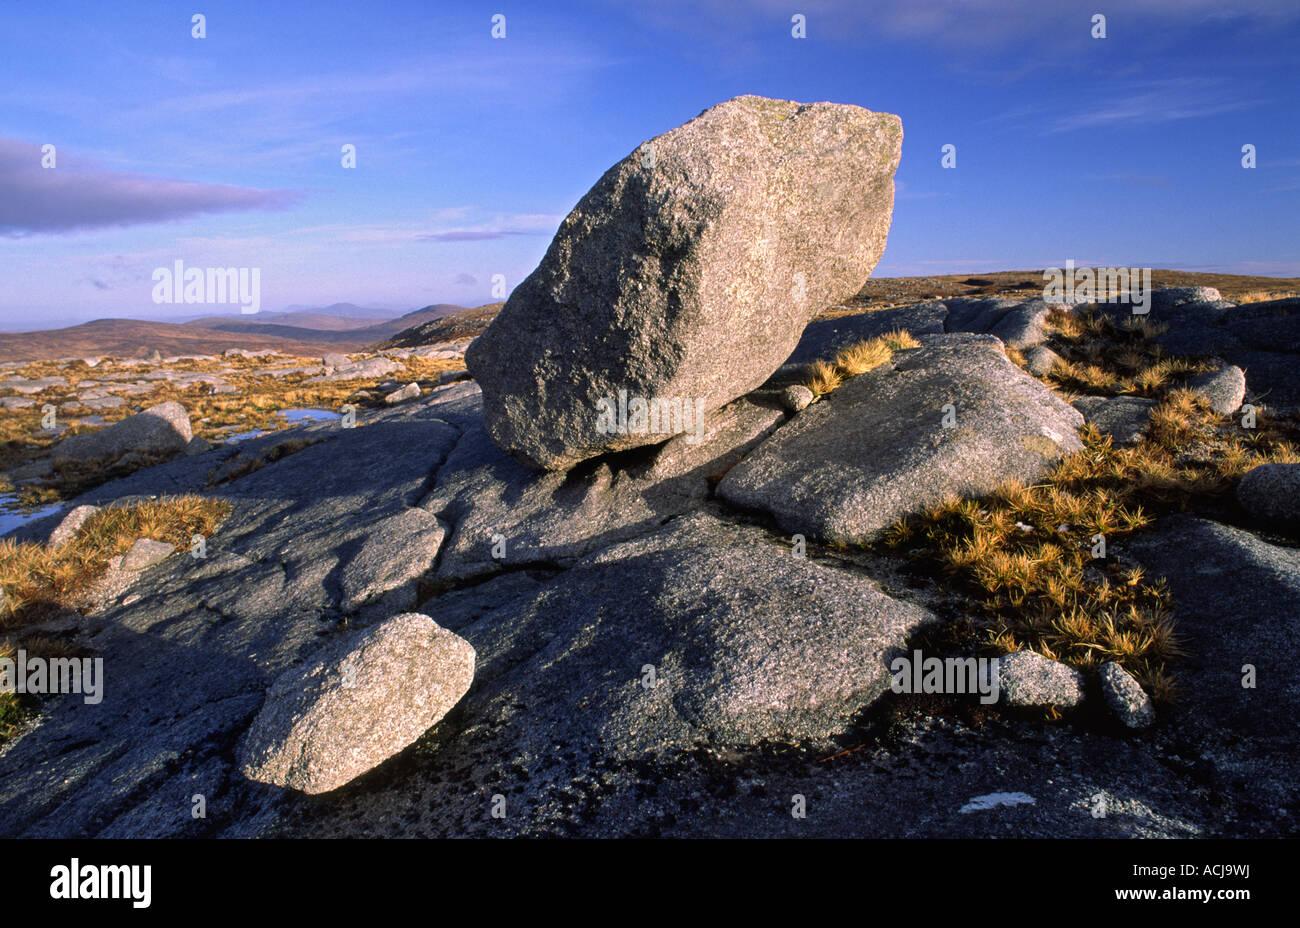 Bloc erratique de granite près du sommet d'Moylenanav, montagne montagnes Glendowan, comté de Donegal, Photo Stock